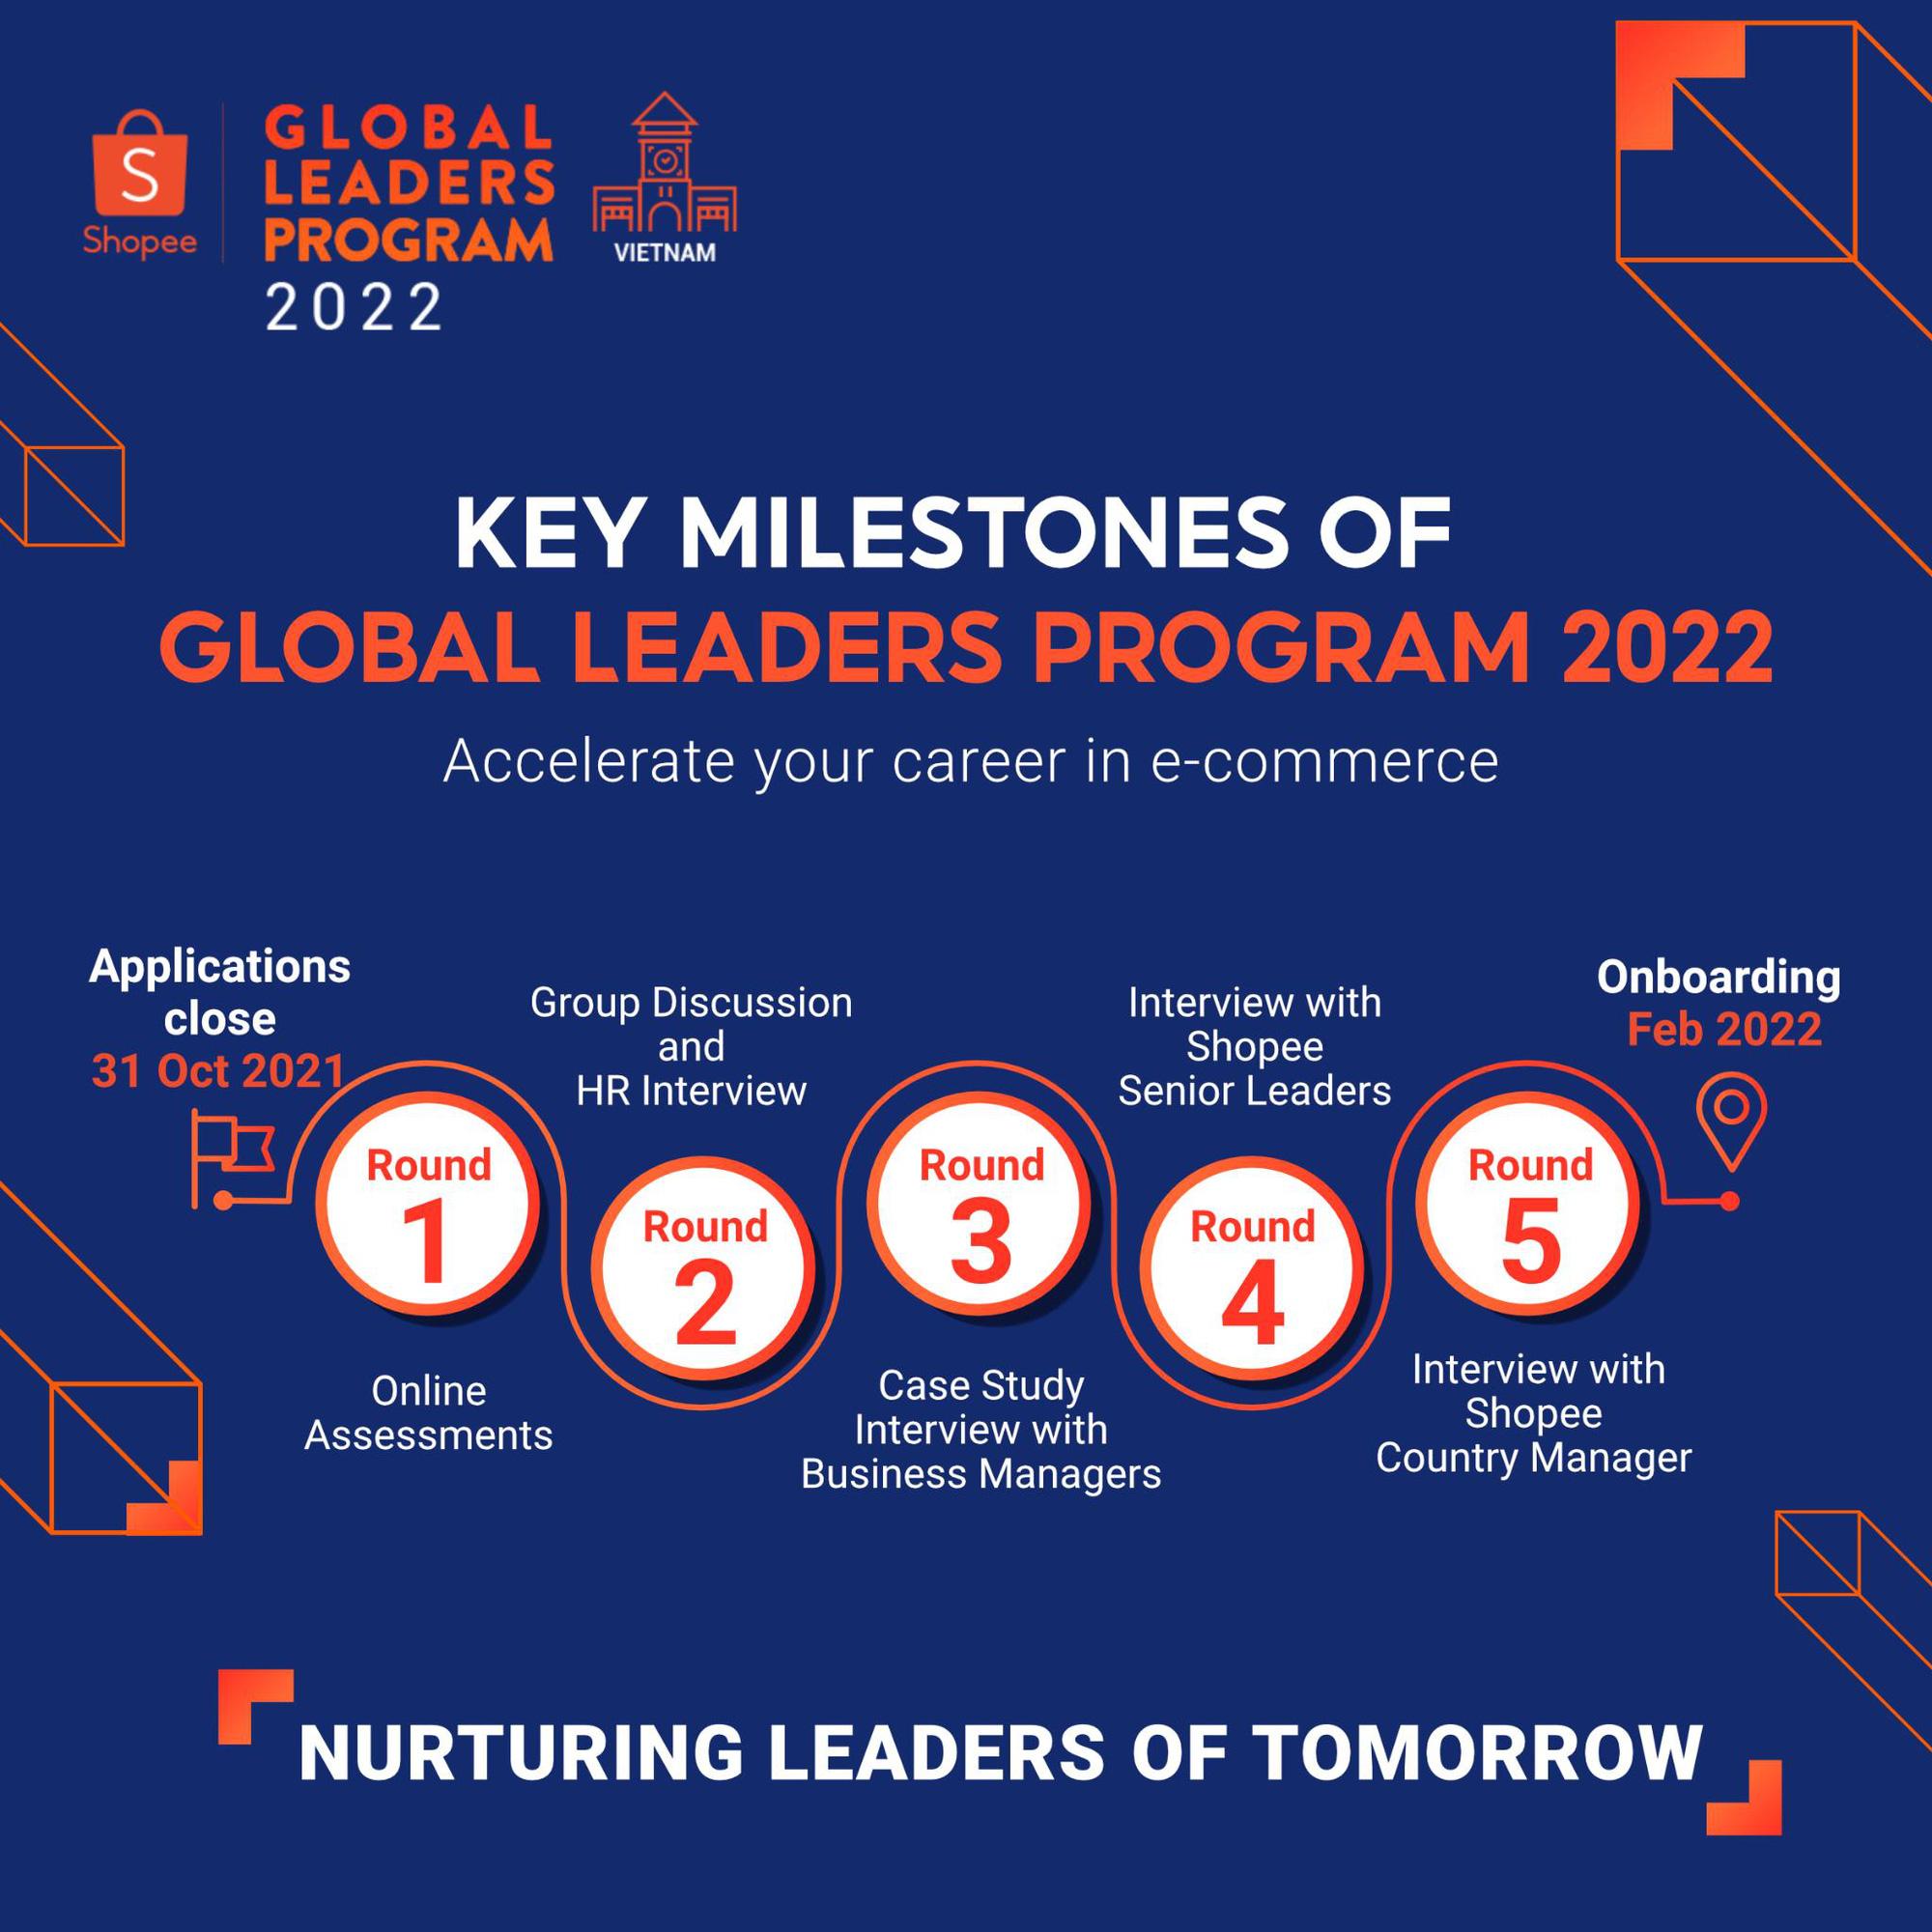 Bí quyết chinh phục vòng thi thử thách nhất của Global Leaders Program, nhất định bạn phải biết! - Ảnh 2.